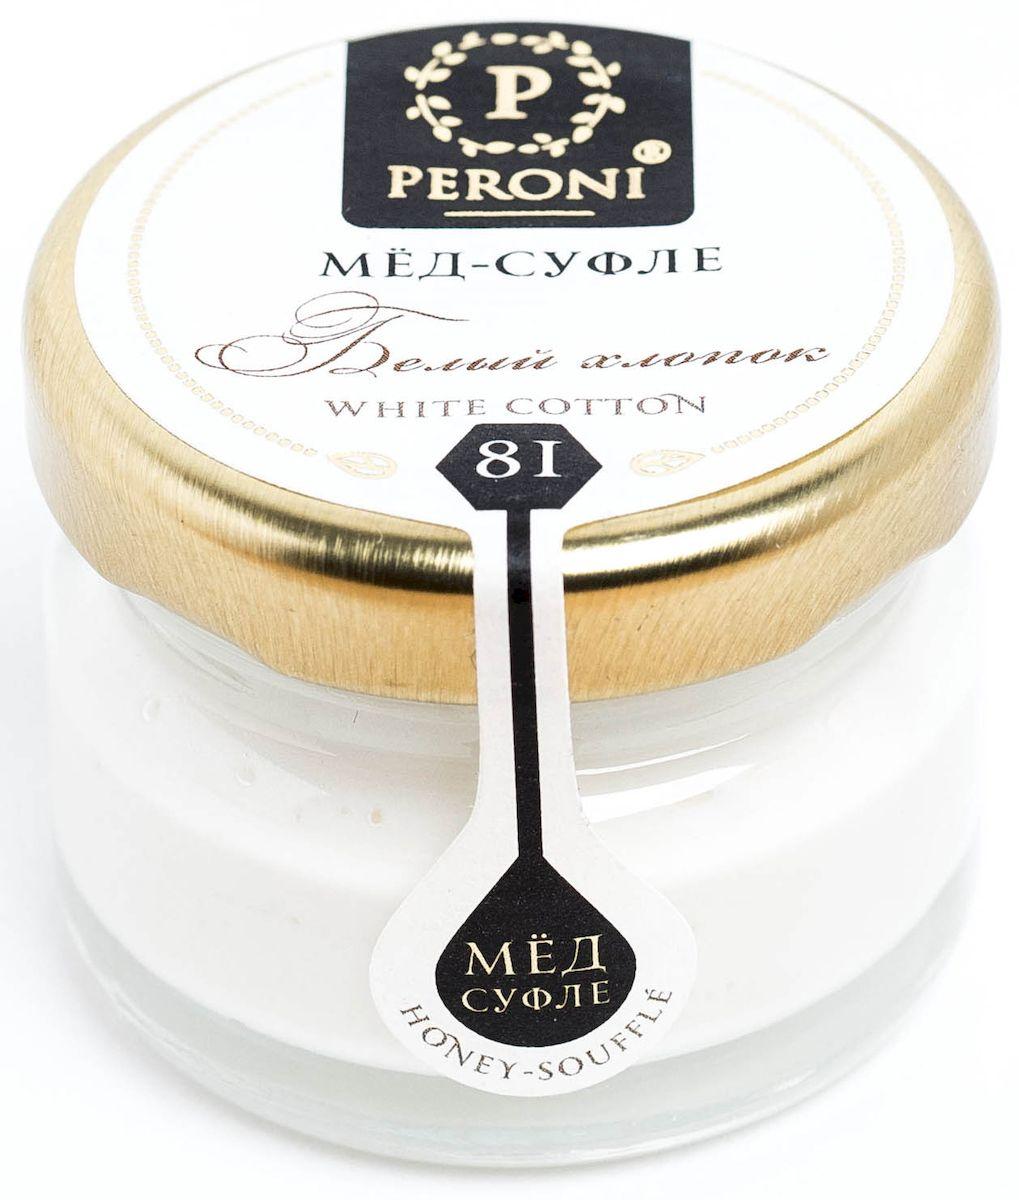 Peroni Белый хлопок мед-суфле, 30 г81-1Хлопковый мед - это уникальное творение природы, целебный эликсир с изысканным сливочно-карамельным вкусом. Мягкость, нежность, деликатность - вот основные характеристики этого меда. Он призван приносить истинное удовольствие, наслаждение и гармонию! Для получения меда-суфле используются специальные технологии. Мед долго вымешивается при определенной скорости, после чего его выдерживают при температуре 12-14 градусов, тем самым закрепляя его нужную консистенцию. Все полезные свойства меда при этом сохраняются.